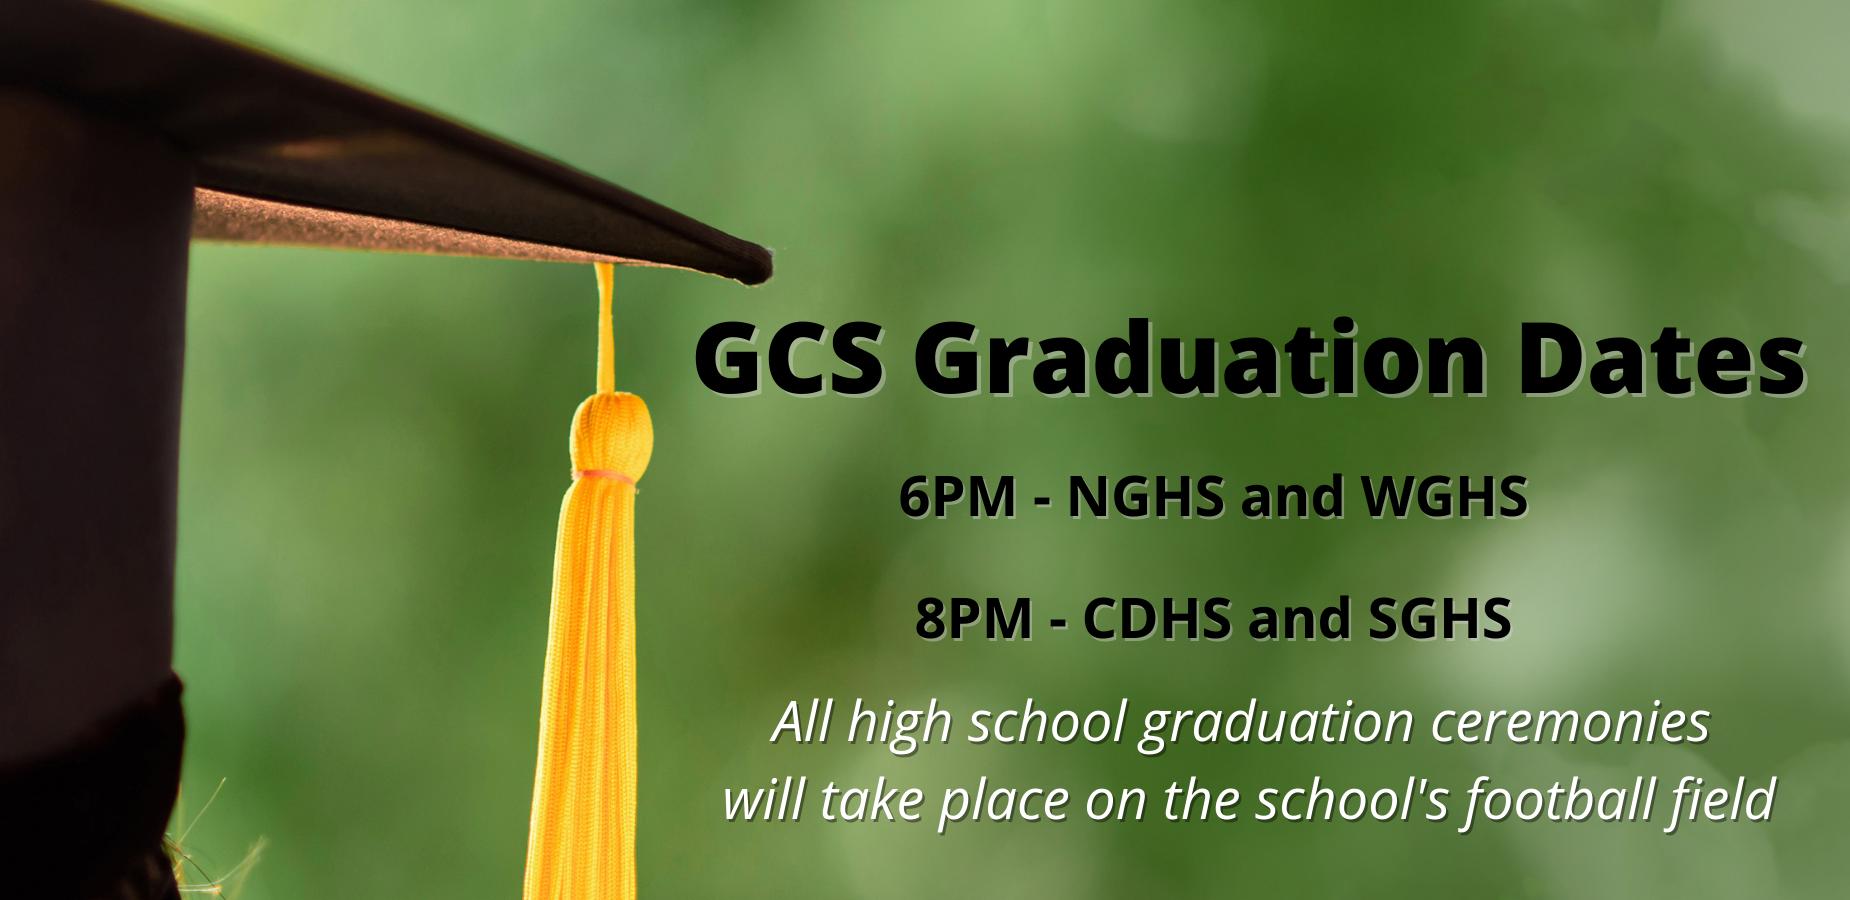 GCS Graduation Dates